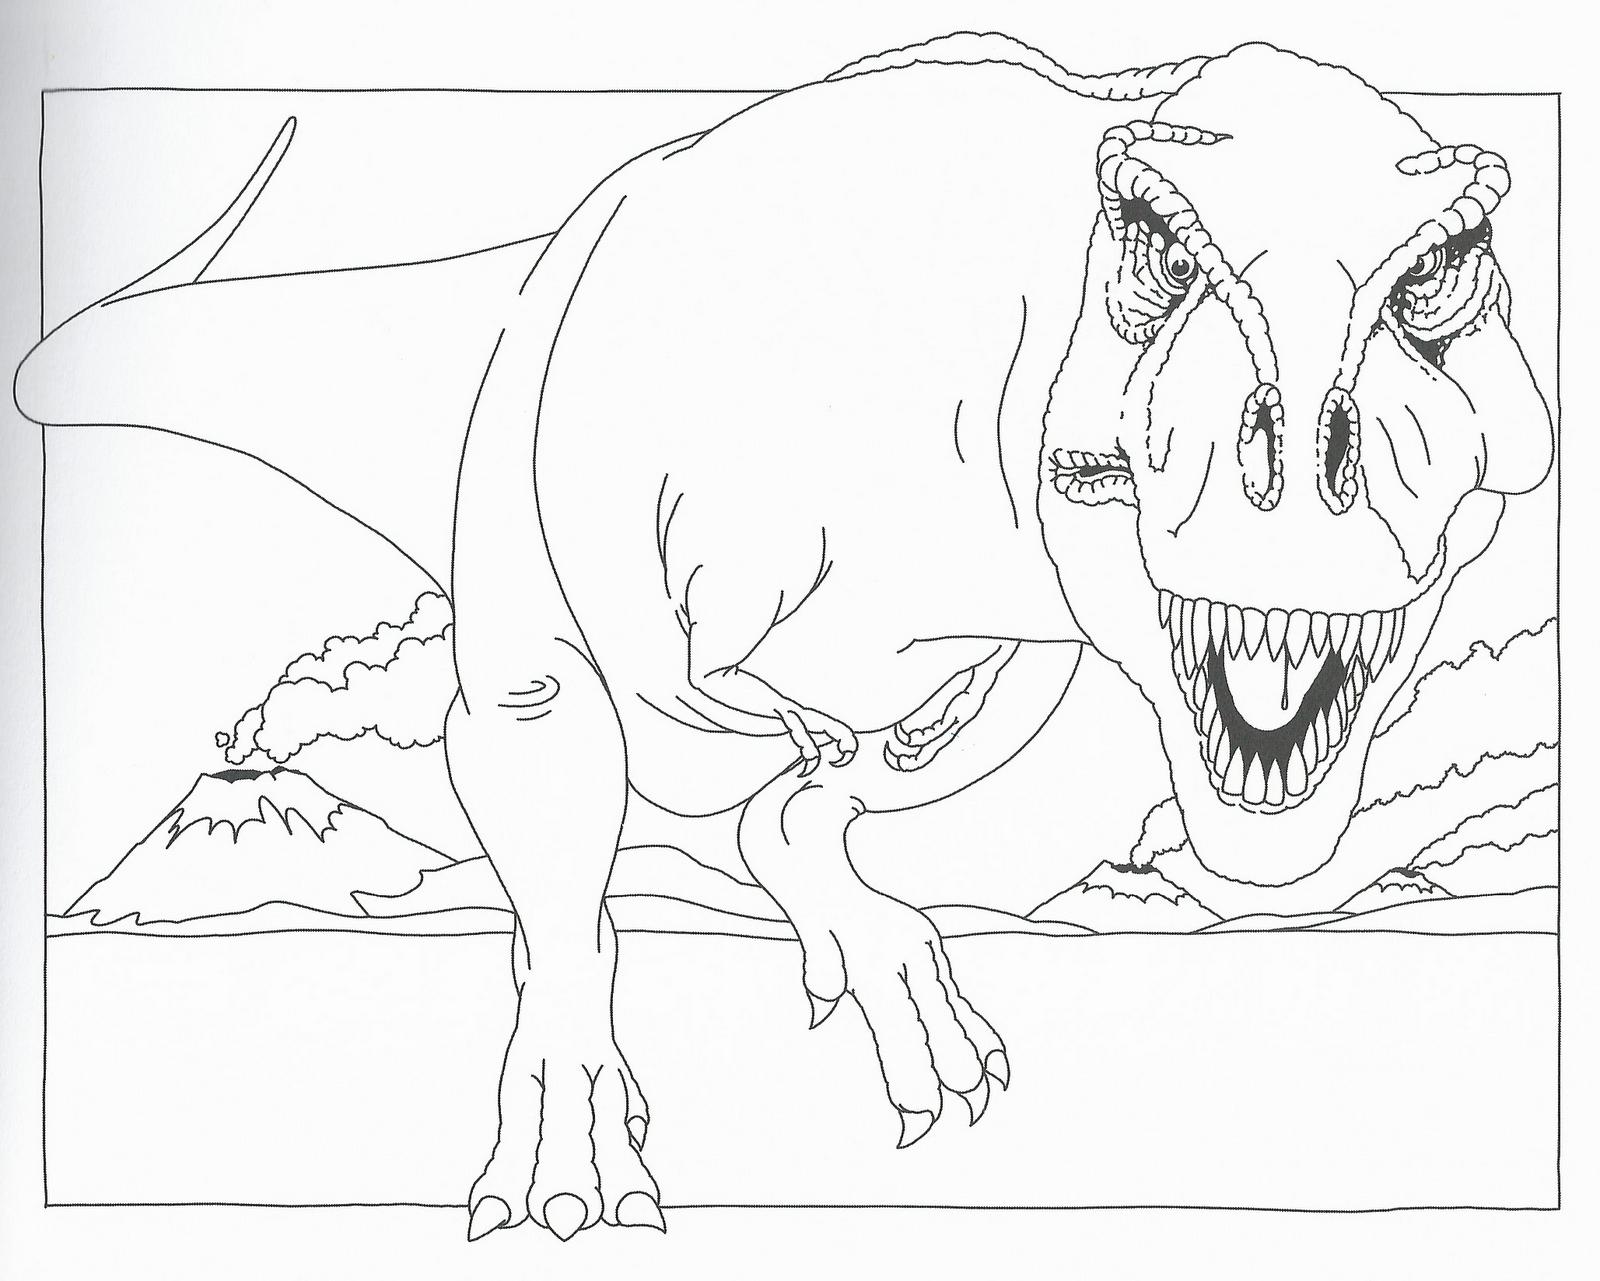 disegni da colorare disegni da colorare i dinosauri